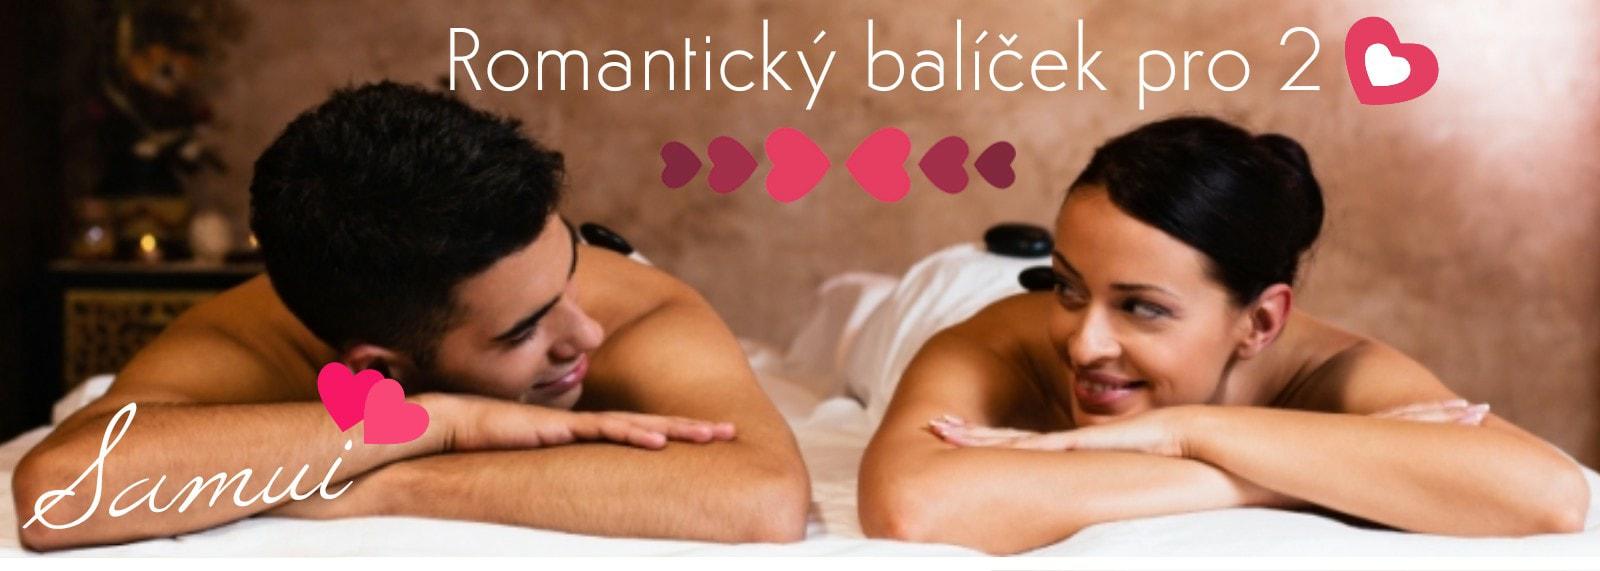 soutěž o ROMANTICKÝ BALÍČEK PRO 2 - rituál nejen pro zamilované